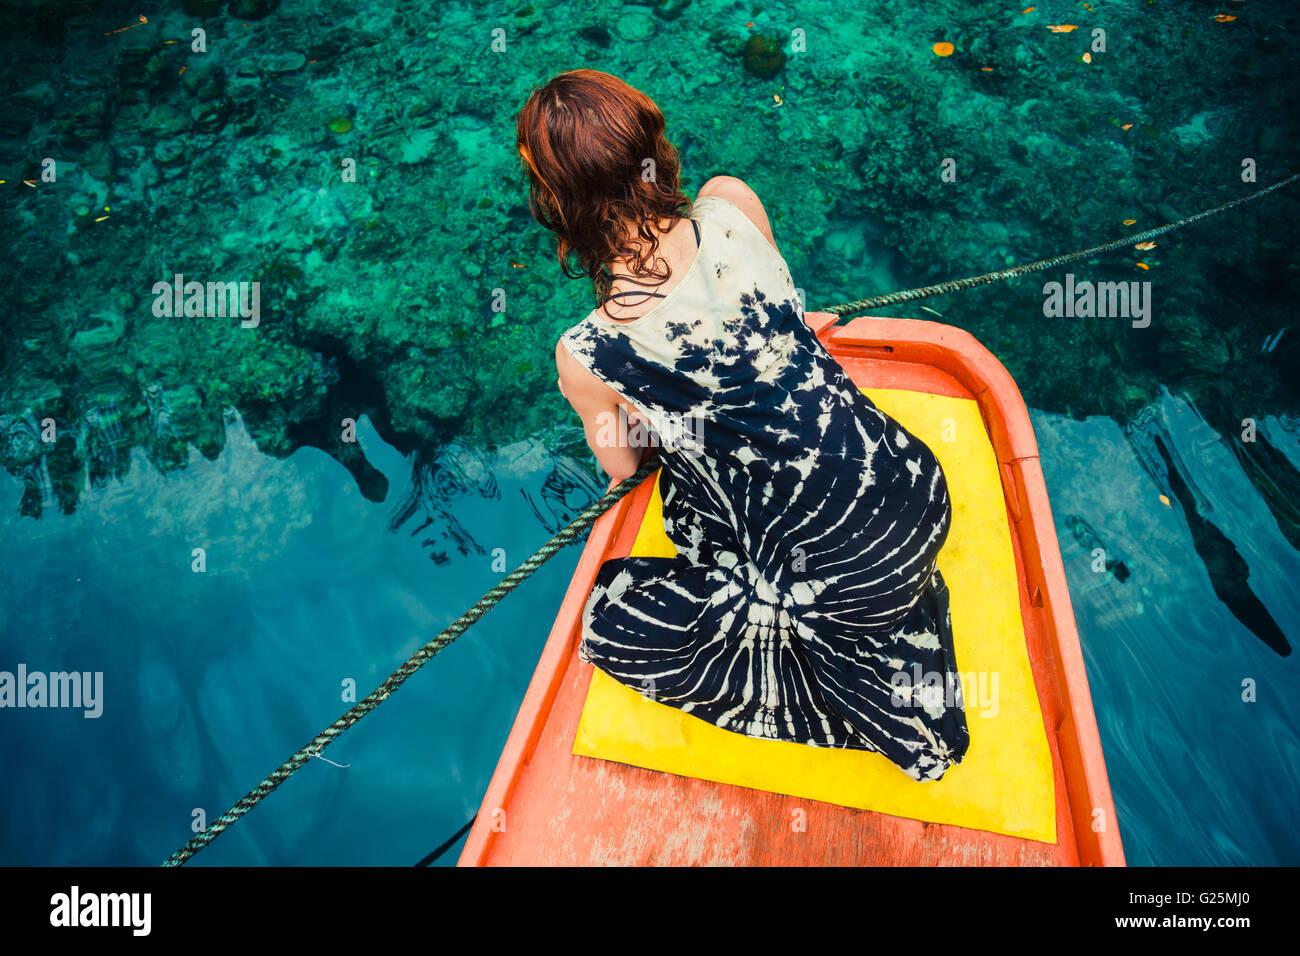 Un joven está sentado en un barco y está mirando el agua azul claro Imagen De Stock